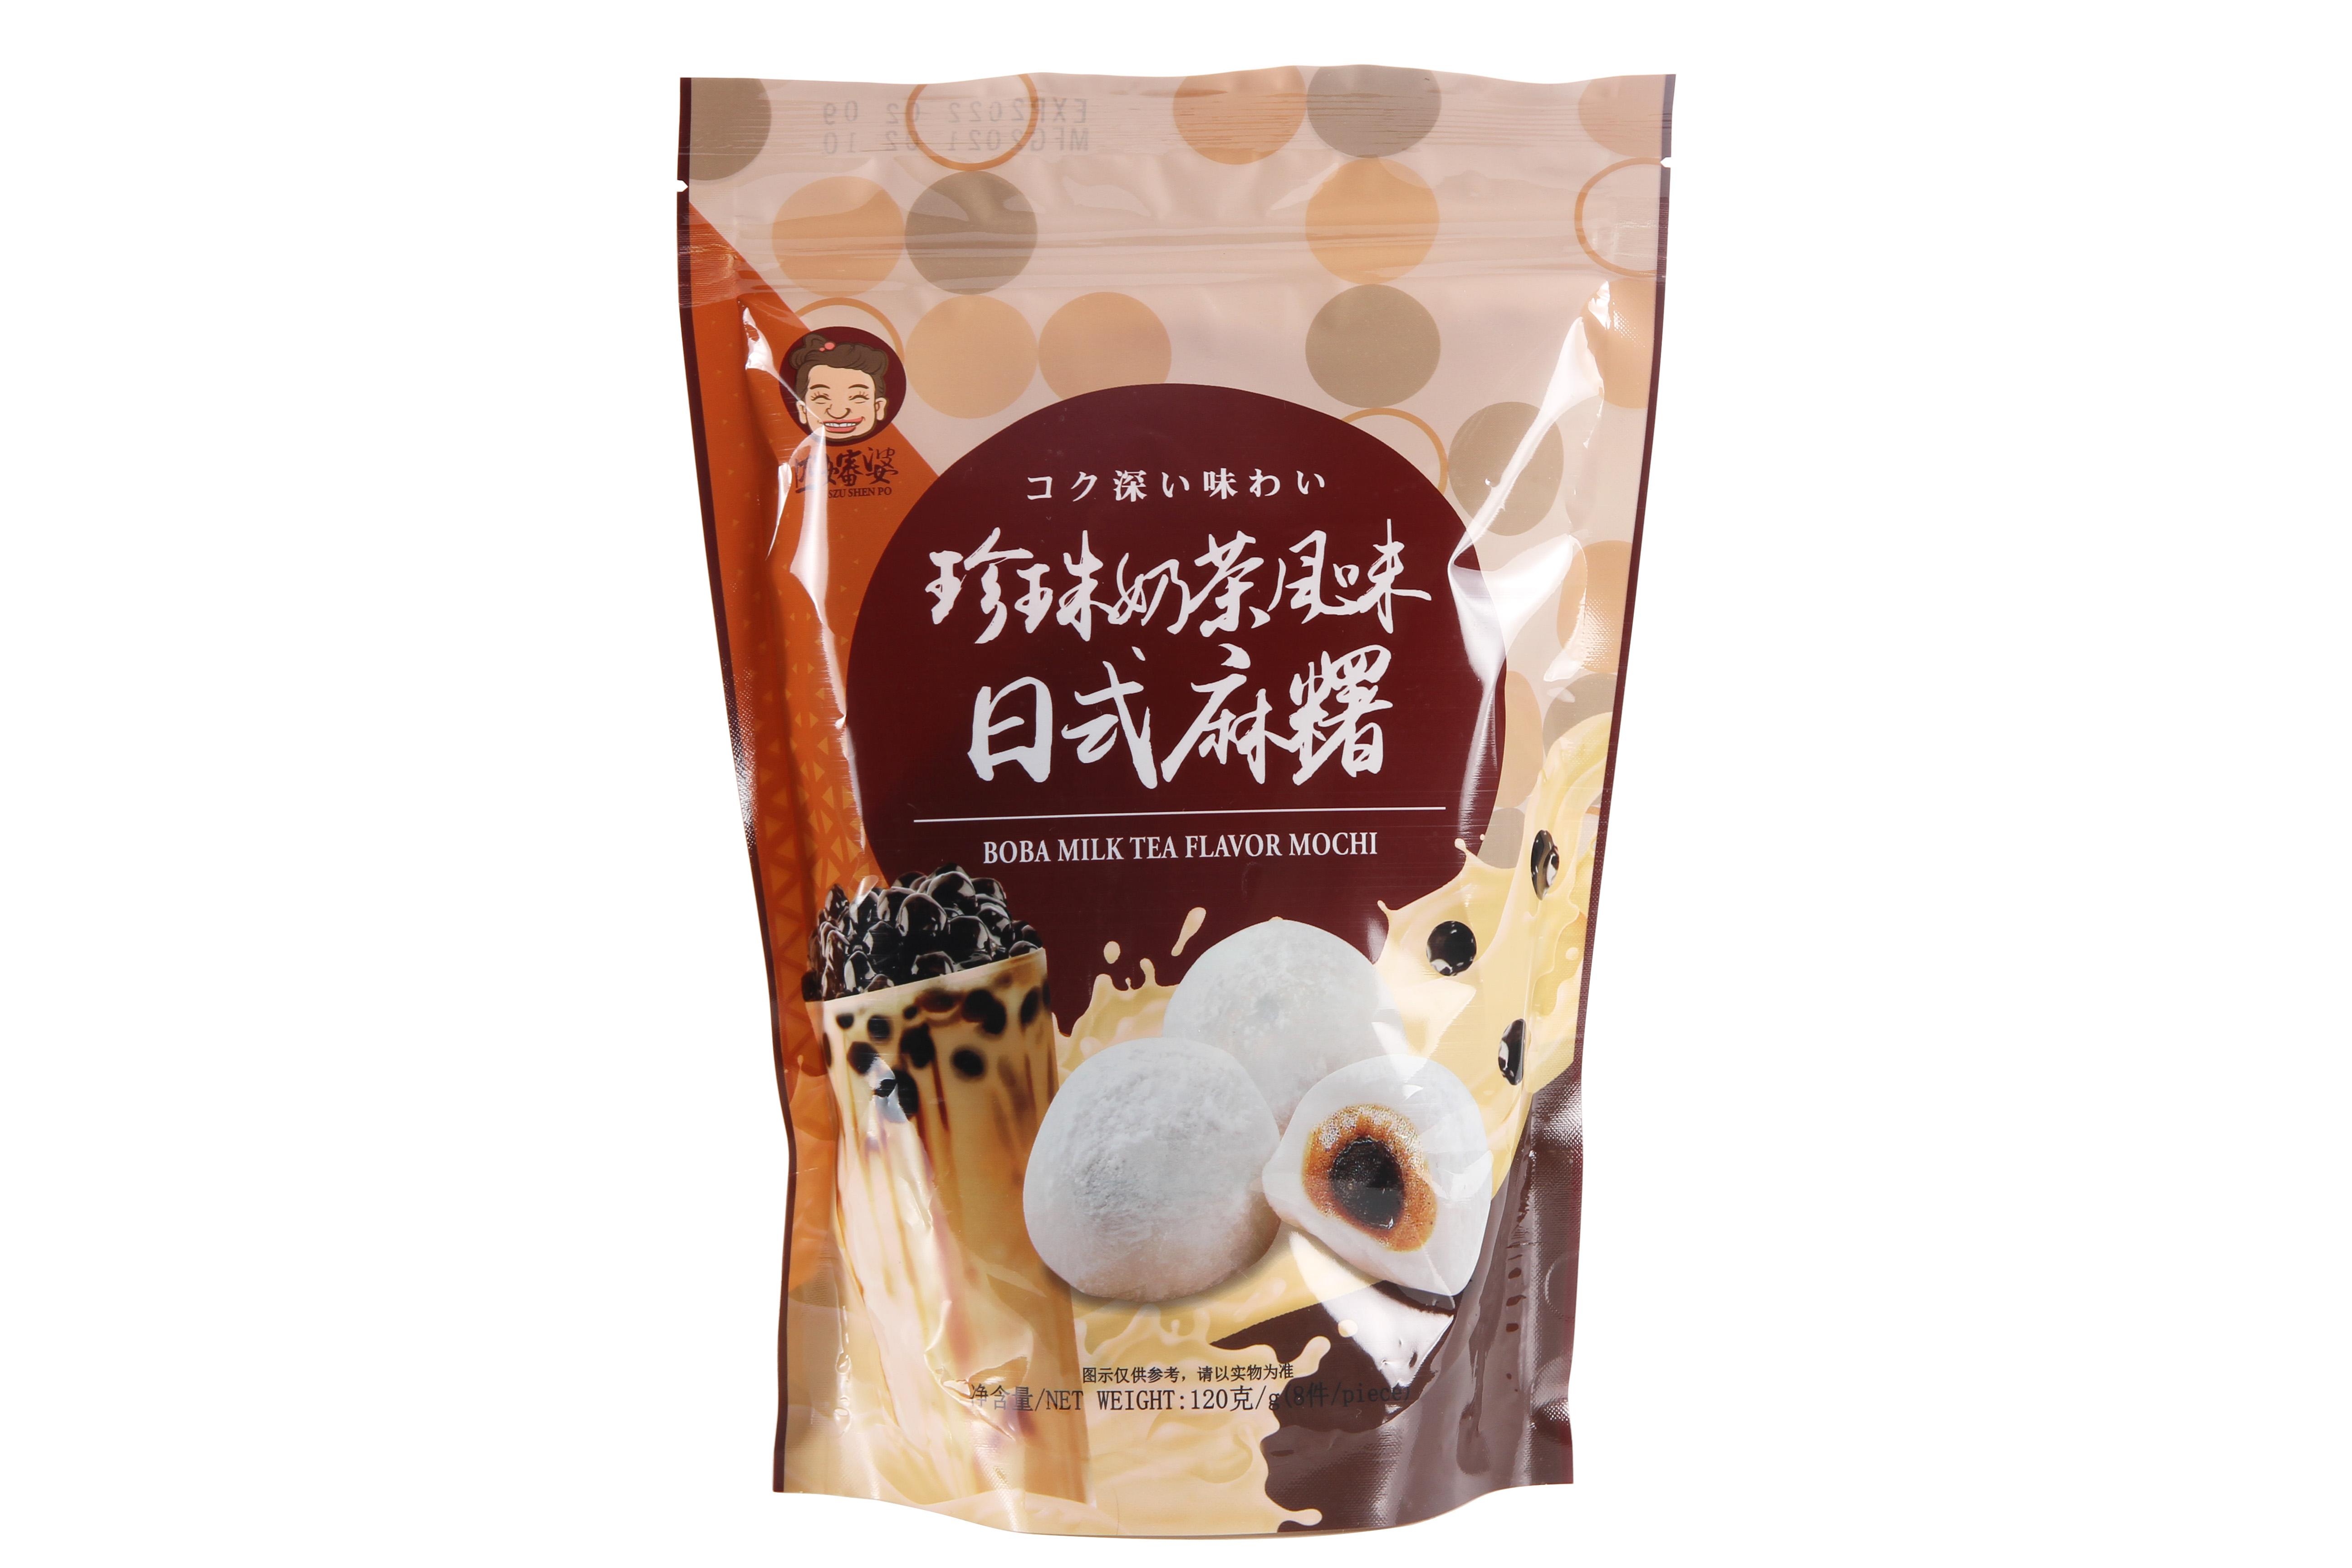 四婶婆珍珠奶茶风味日式麻薯(8粒*15克)